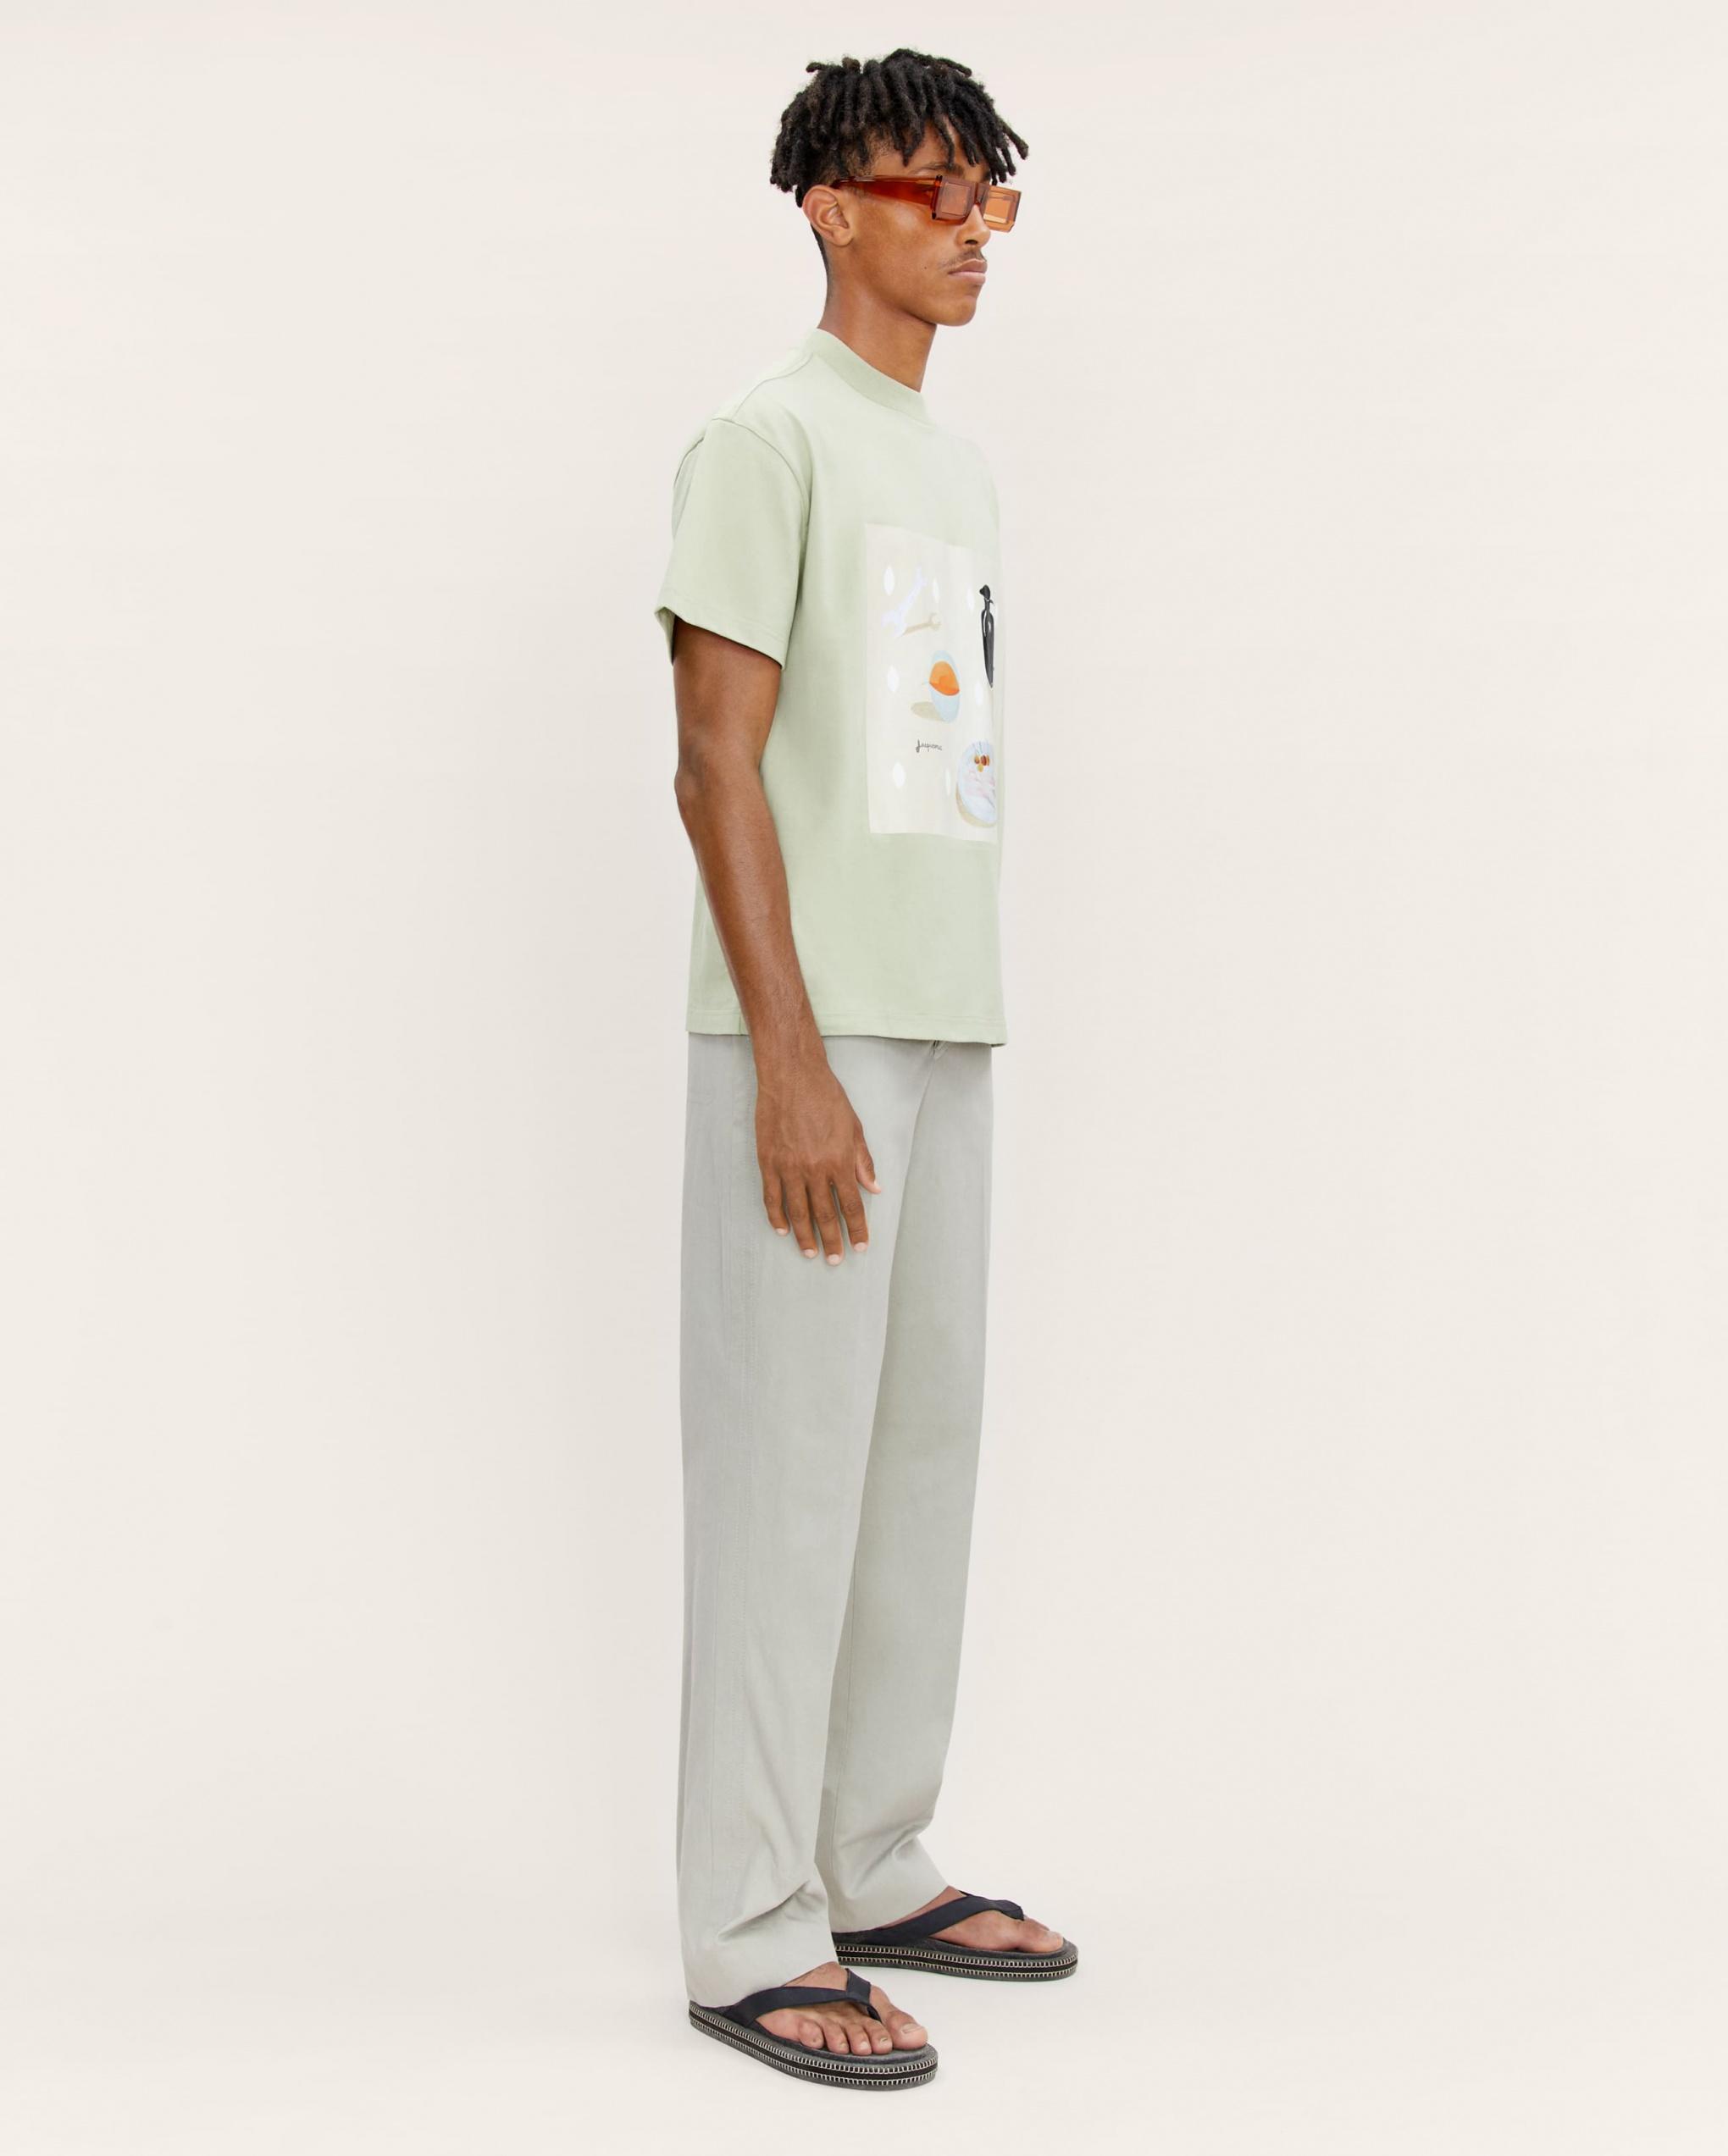 Le t-shirt Tableau